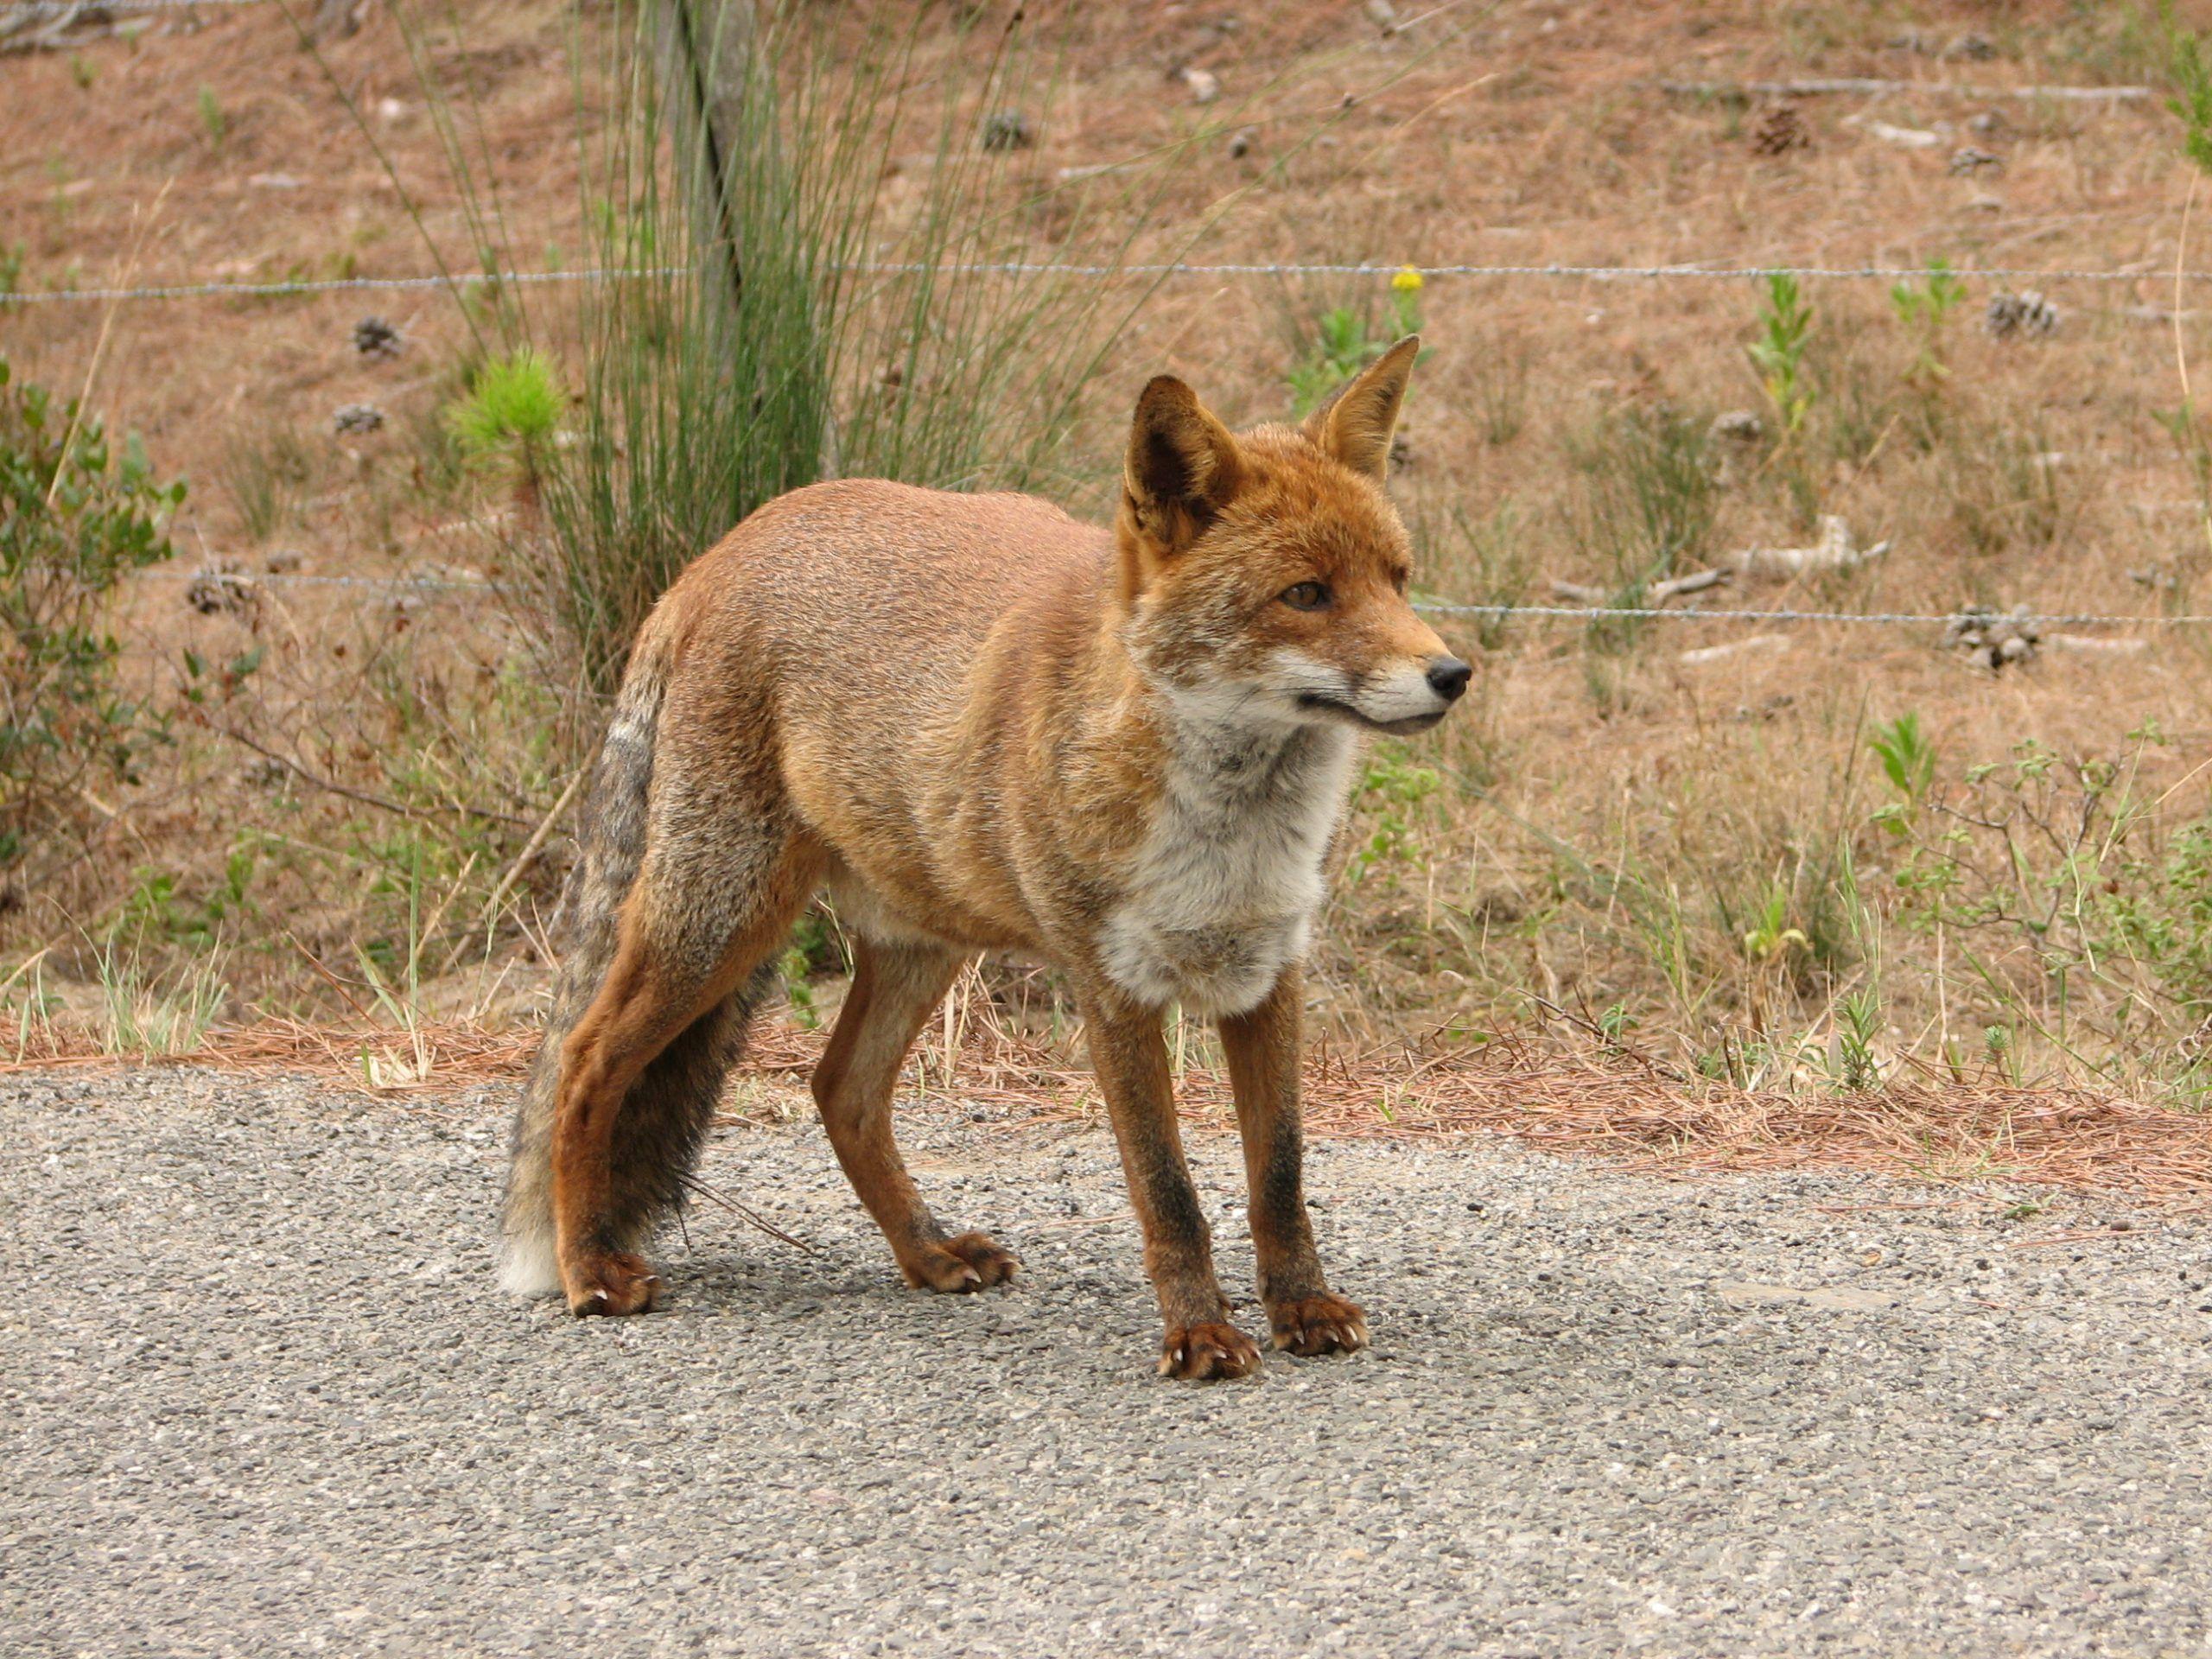 Uccisa a fucilate la volpe mascotte del paese